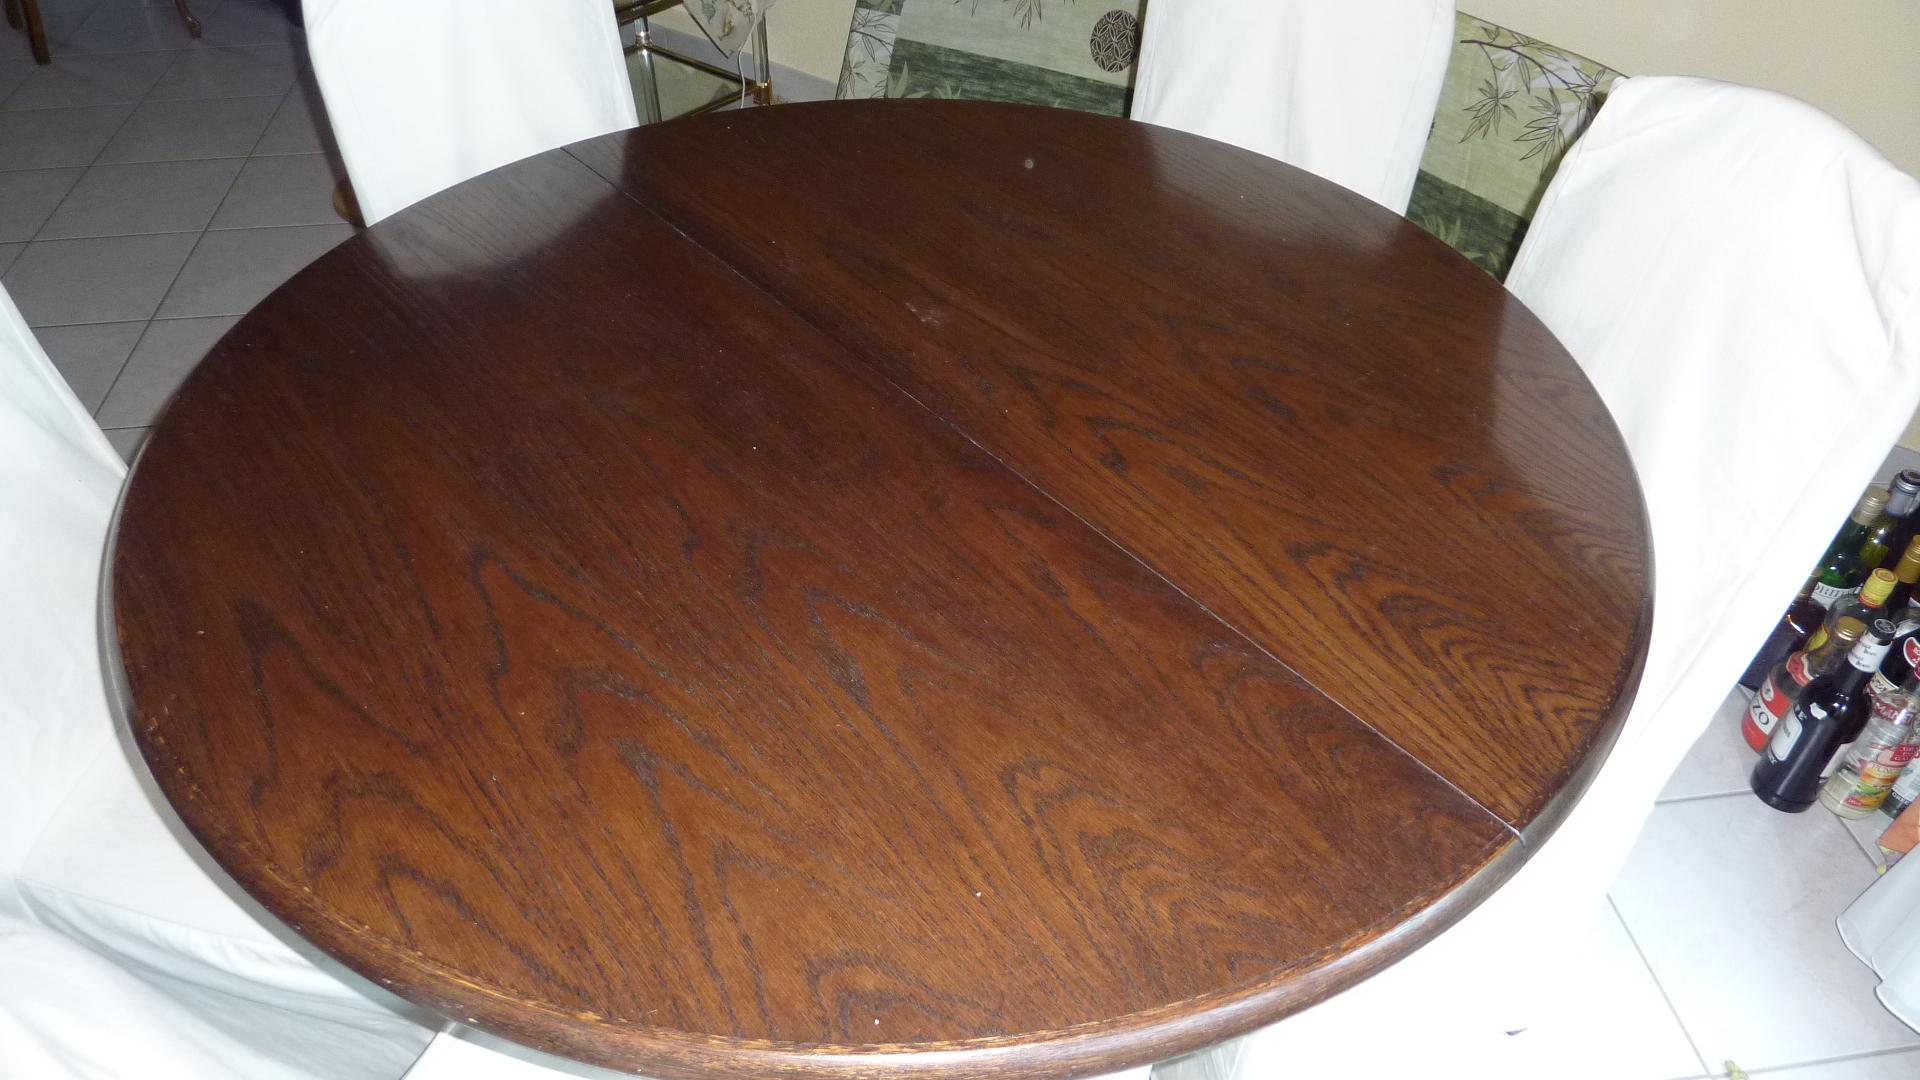 Table de salle manger en ch ne vendre blog ench res en ligne - Table de salle a manger a vendre ...